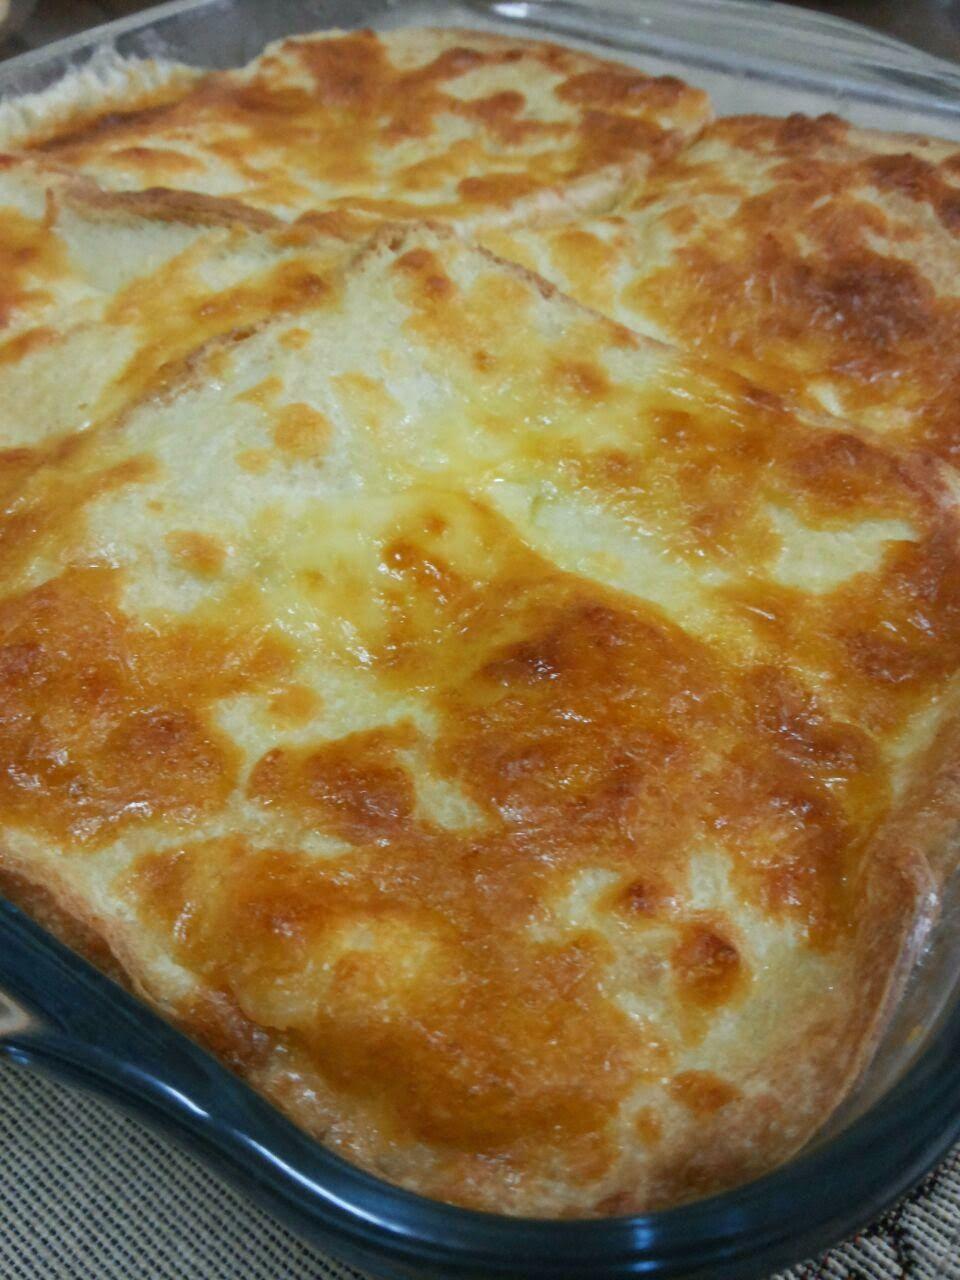 Resepi Lasagna Mudah Ringkas Azyyati Liah Resep Makanan Makanan Resep